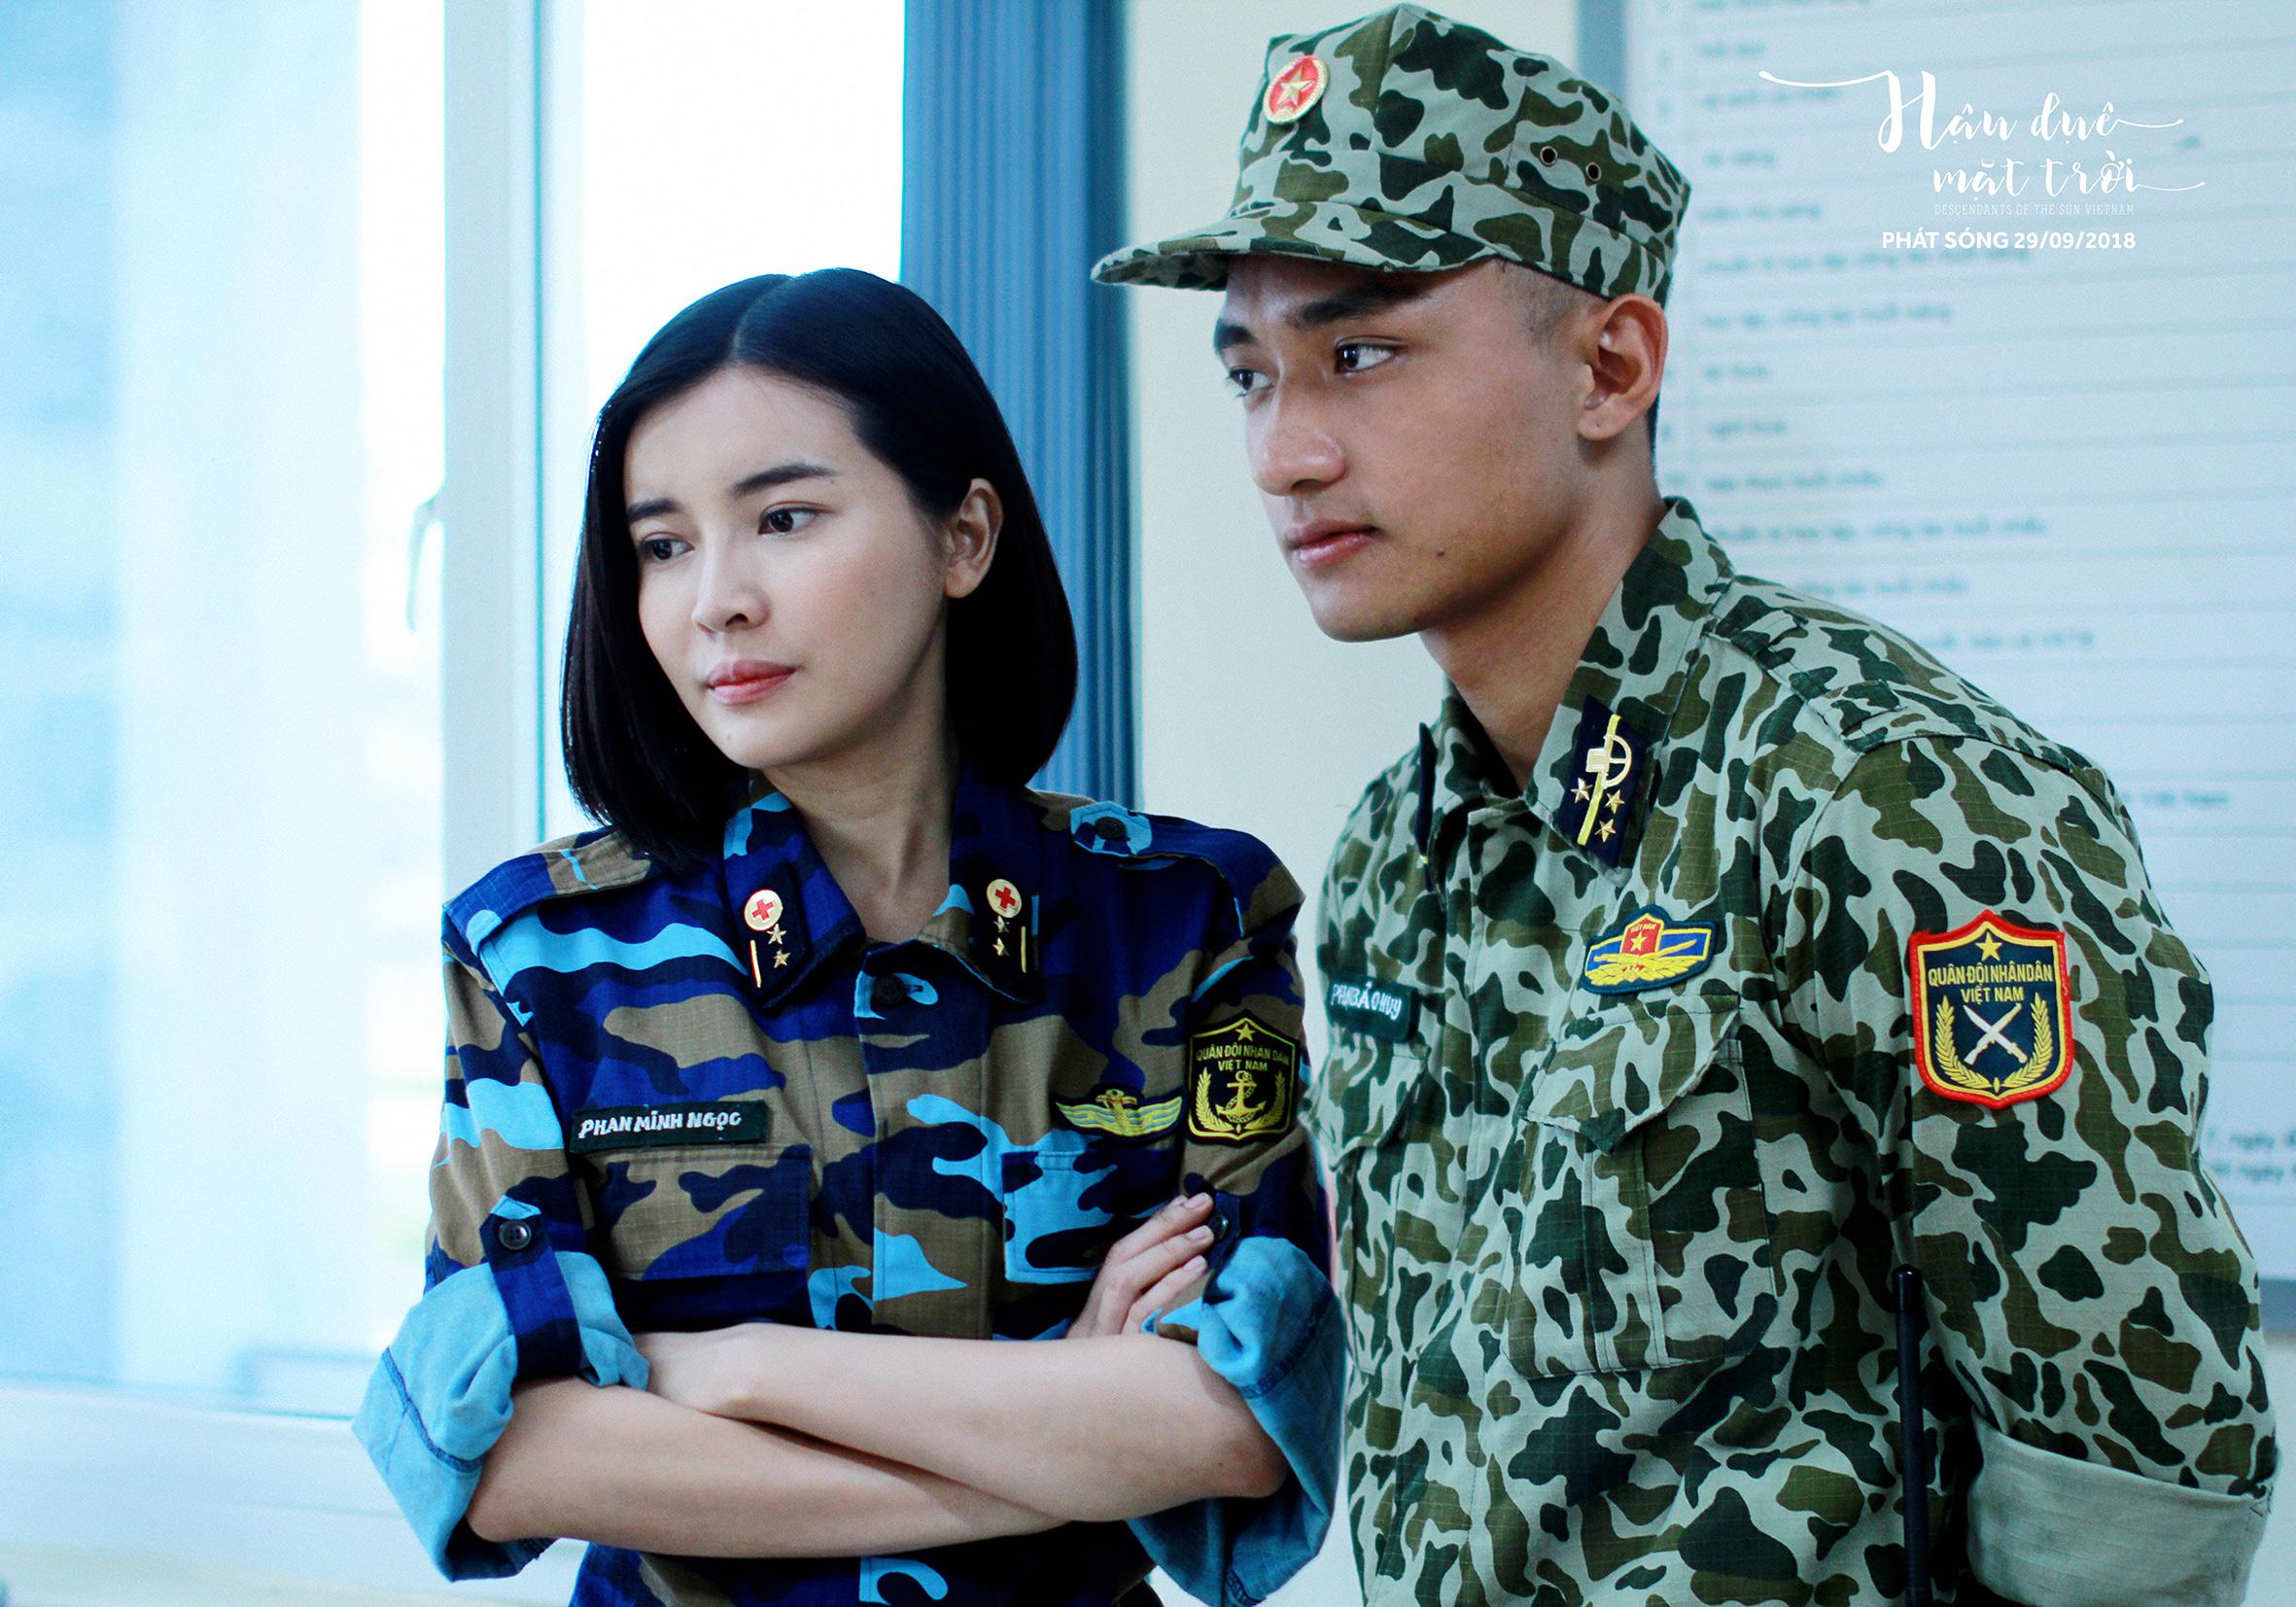 'Hậu duệ mặt trời' Việt Nam kết thúc, hành trình chinh phục khán giả quốc tế bắt đầu 3